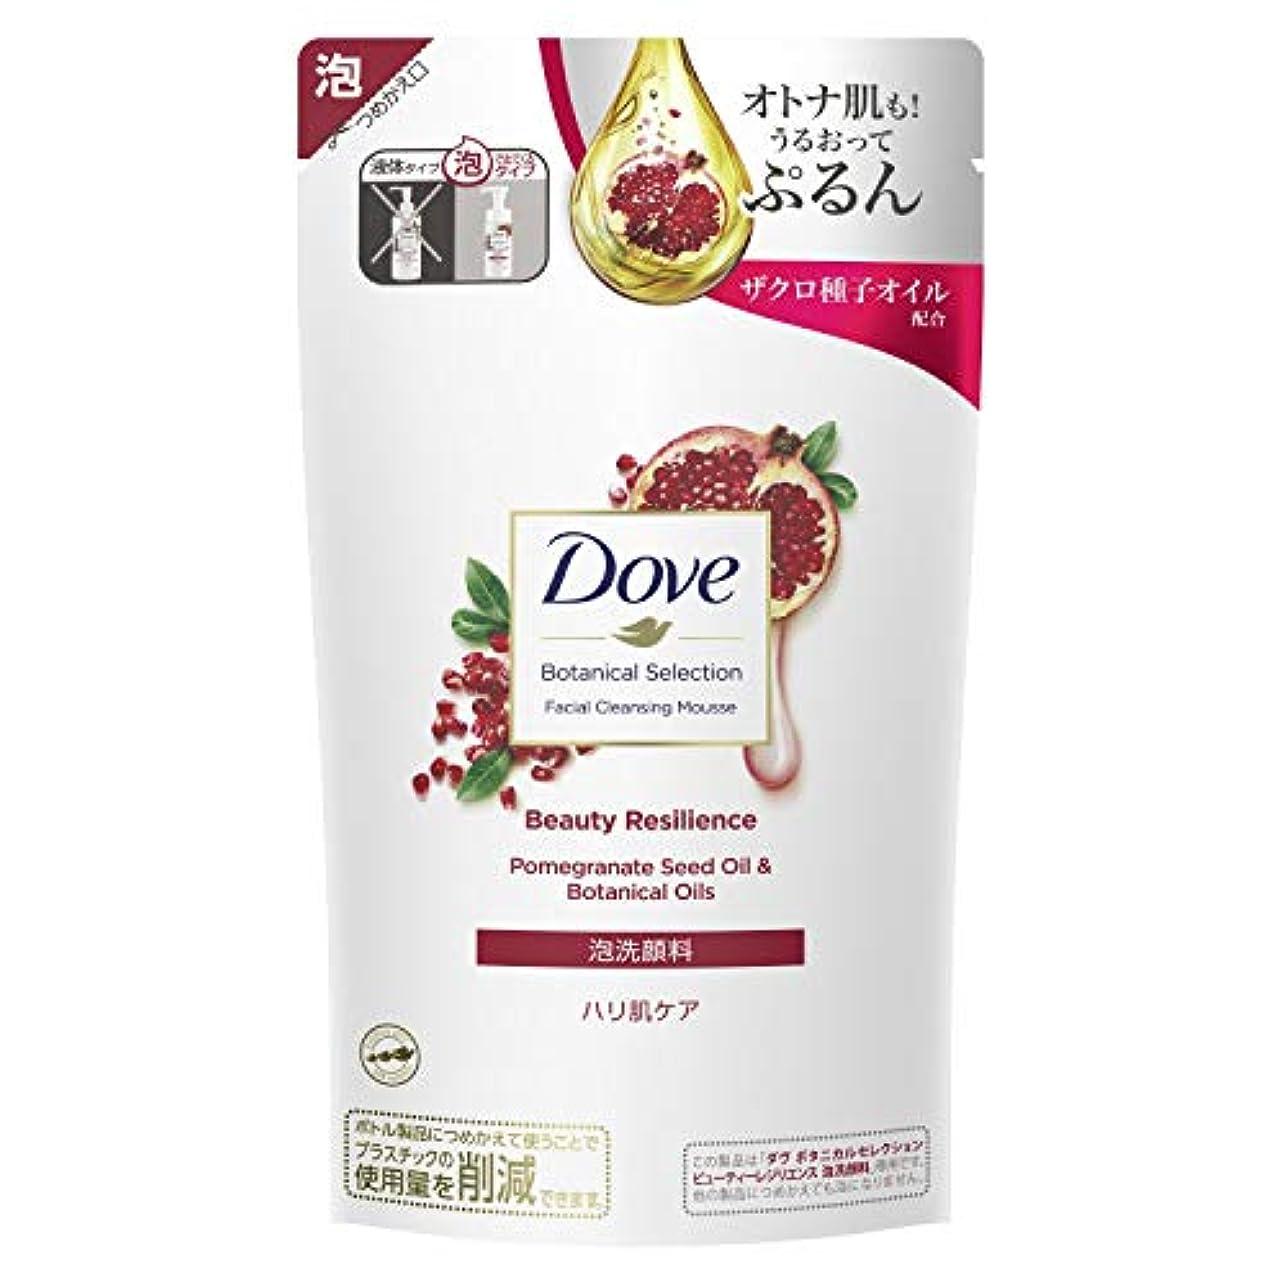 アスペクトぼろ非難Dove(ダヴ) ダヴ ボタニカルセレクション ビューティーレジリエンス 泡洗顔料 つめかえ用 135mL